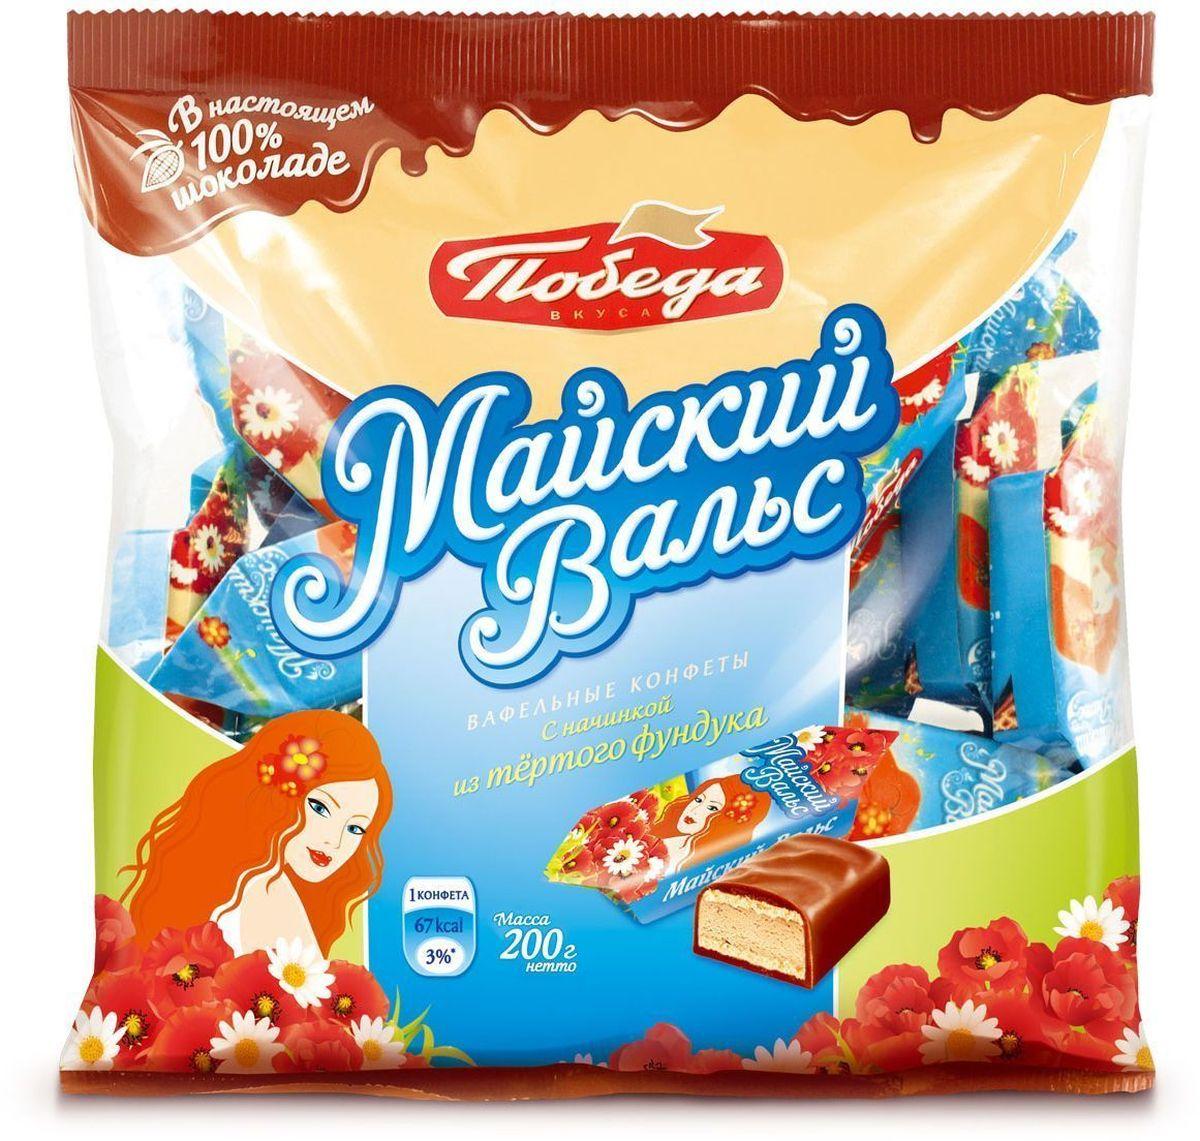 Победа вкуса Майский вальс вафельные конфеты с начинкой из тертого фундука в сливочном шоколаде, 200 г победа вкуса все и сразу цитрус жевательный мармелад и конфеты желейные с начинкой 250 г